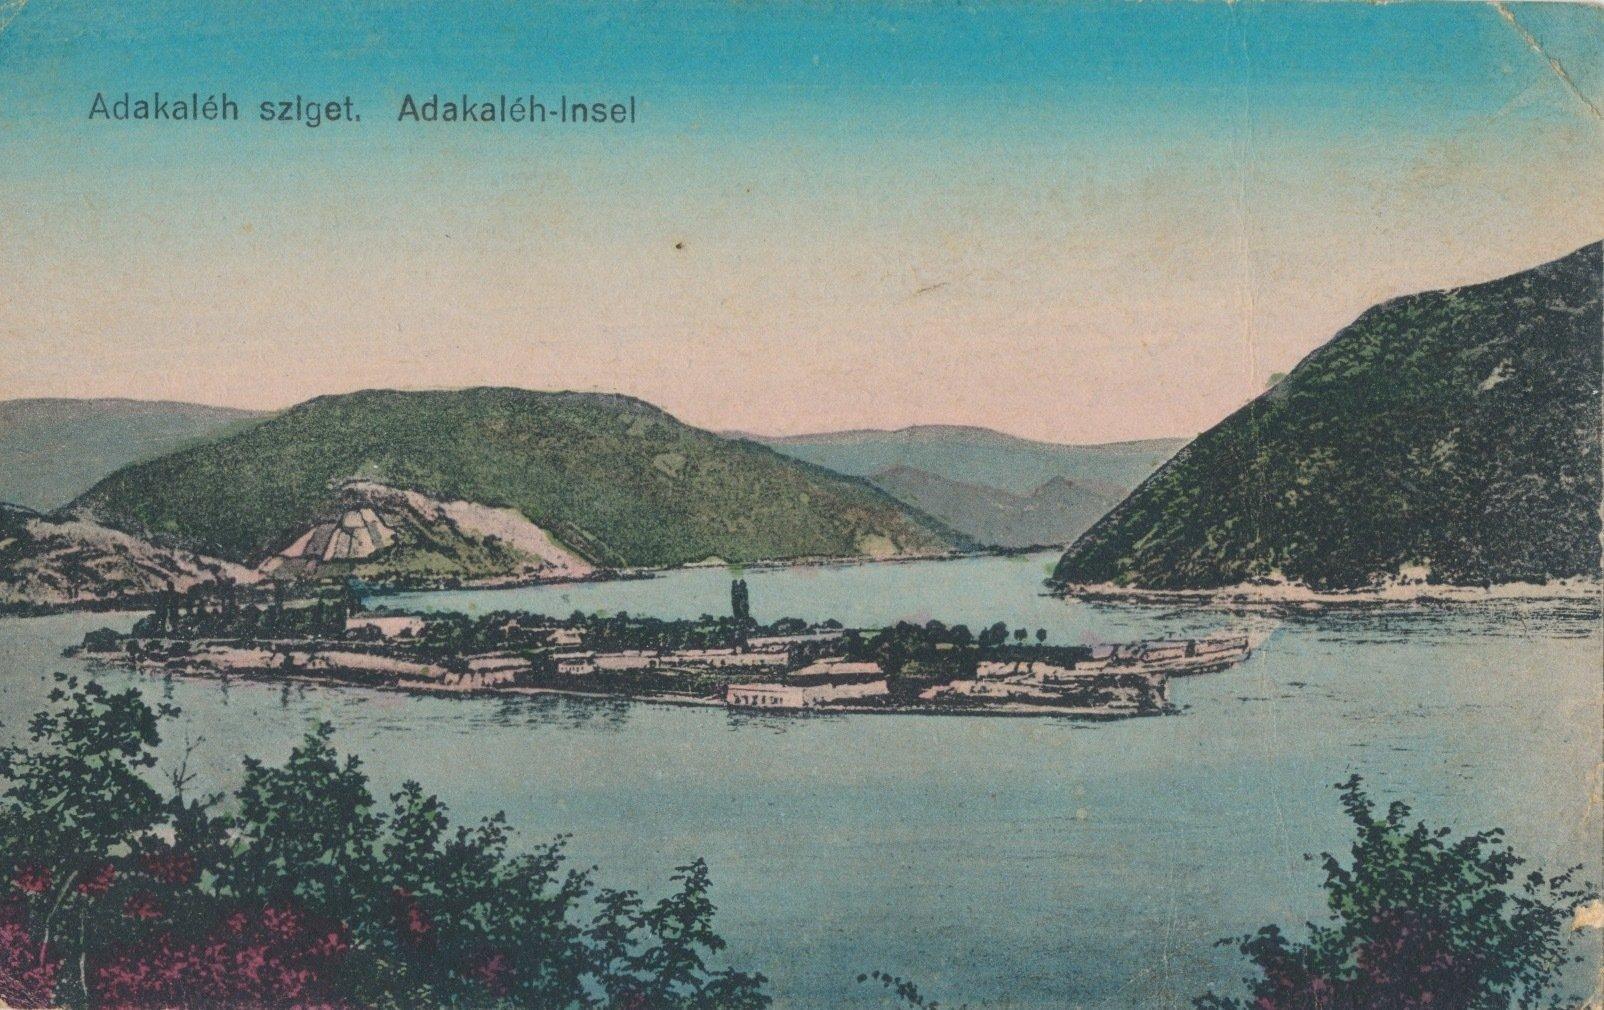 Kolorierte Postkarte einer kleinen Insel im Fluss zwischen schroffen Bergen.